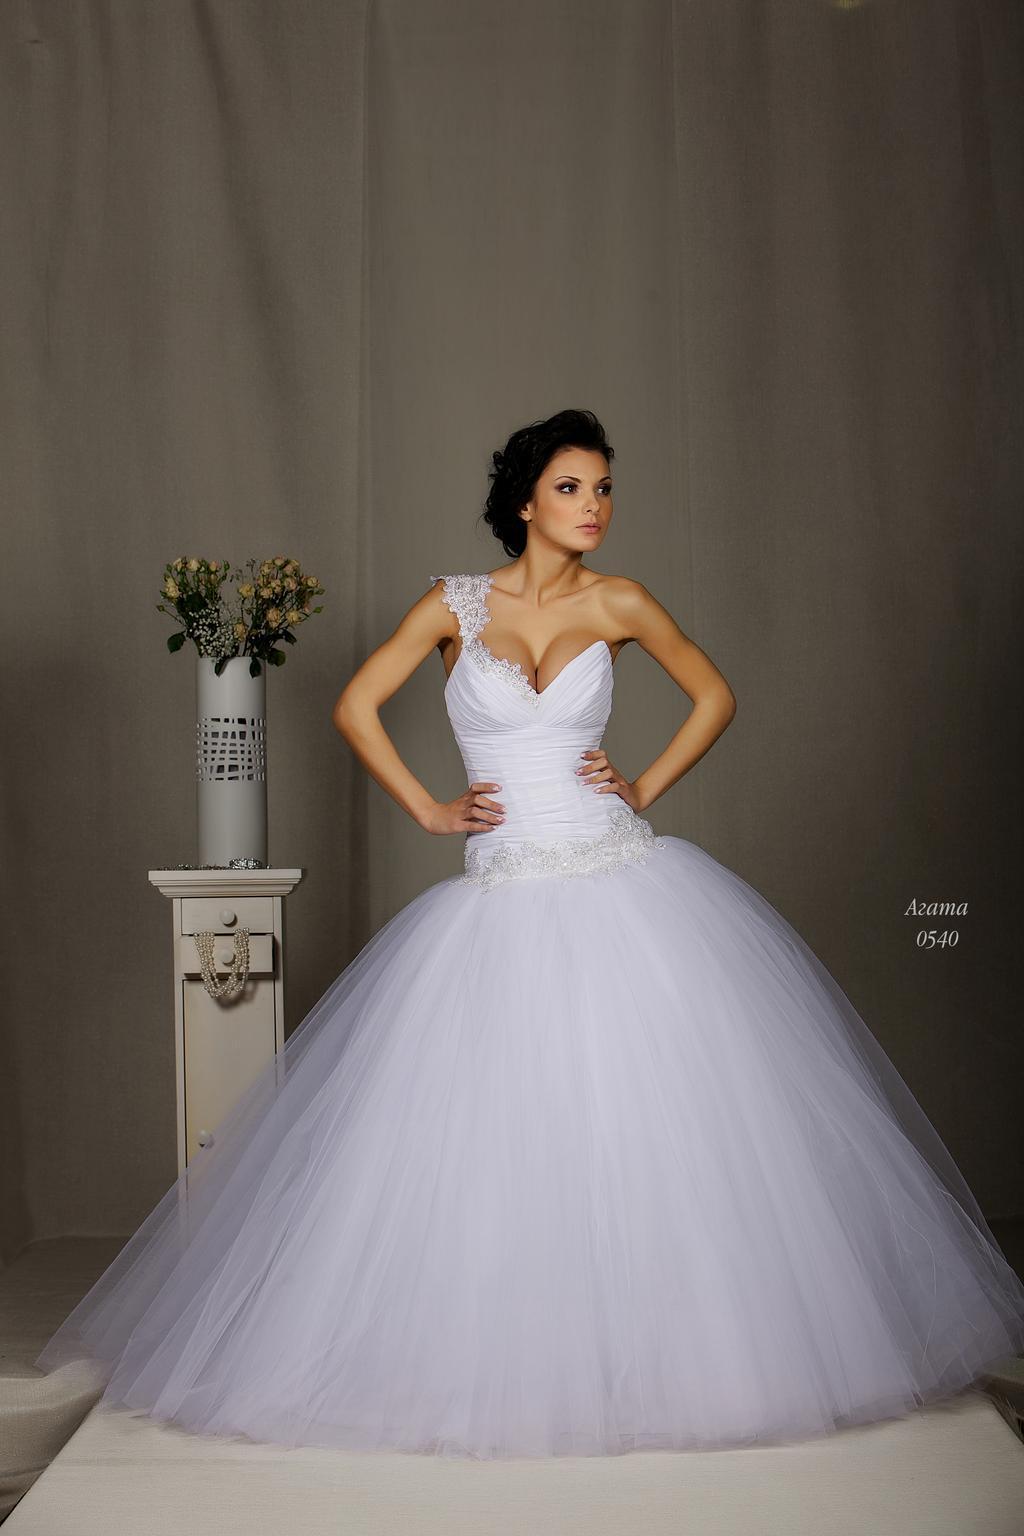 Купить свадебное платье а краснонорске